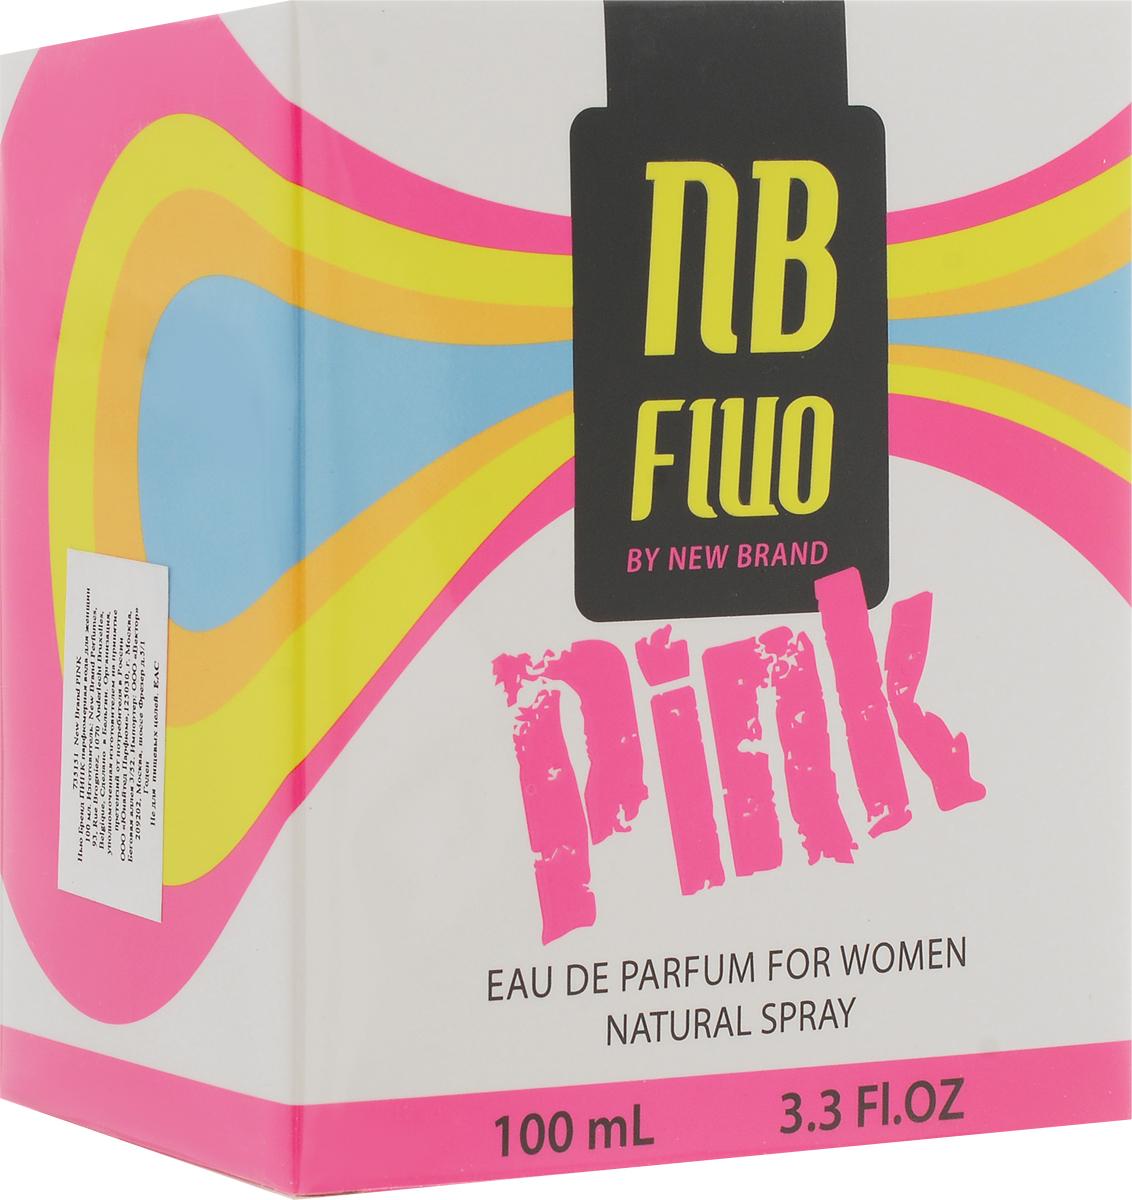 New Brand Perfumes Парфюмерная вода для женщин Pink, 100 млNMS-620H-EUBY NEW BRAND PINK - очень привлекательный, непрозрачный, яркий, необычный своей округлой формой, а также завораживающим розовым теплым цветом, флакончик просто не захочется выпустить из рук его обладательнице. Он, как и его аромат - освежает летом и согревает зимой. Это великолепный подарок в любое время года для любой девушки и женщины, делая ее неотразимой и еще более привлекательной, для вас без усилий откроются все двери и свершения.